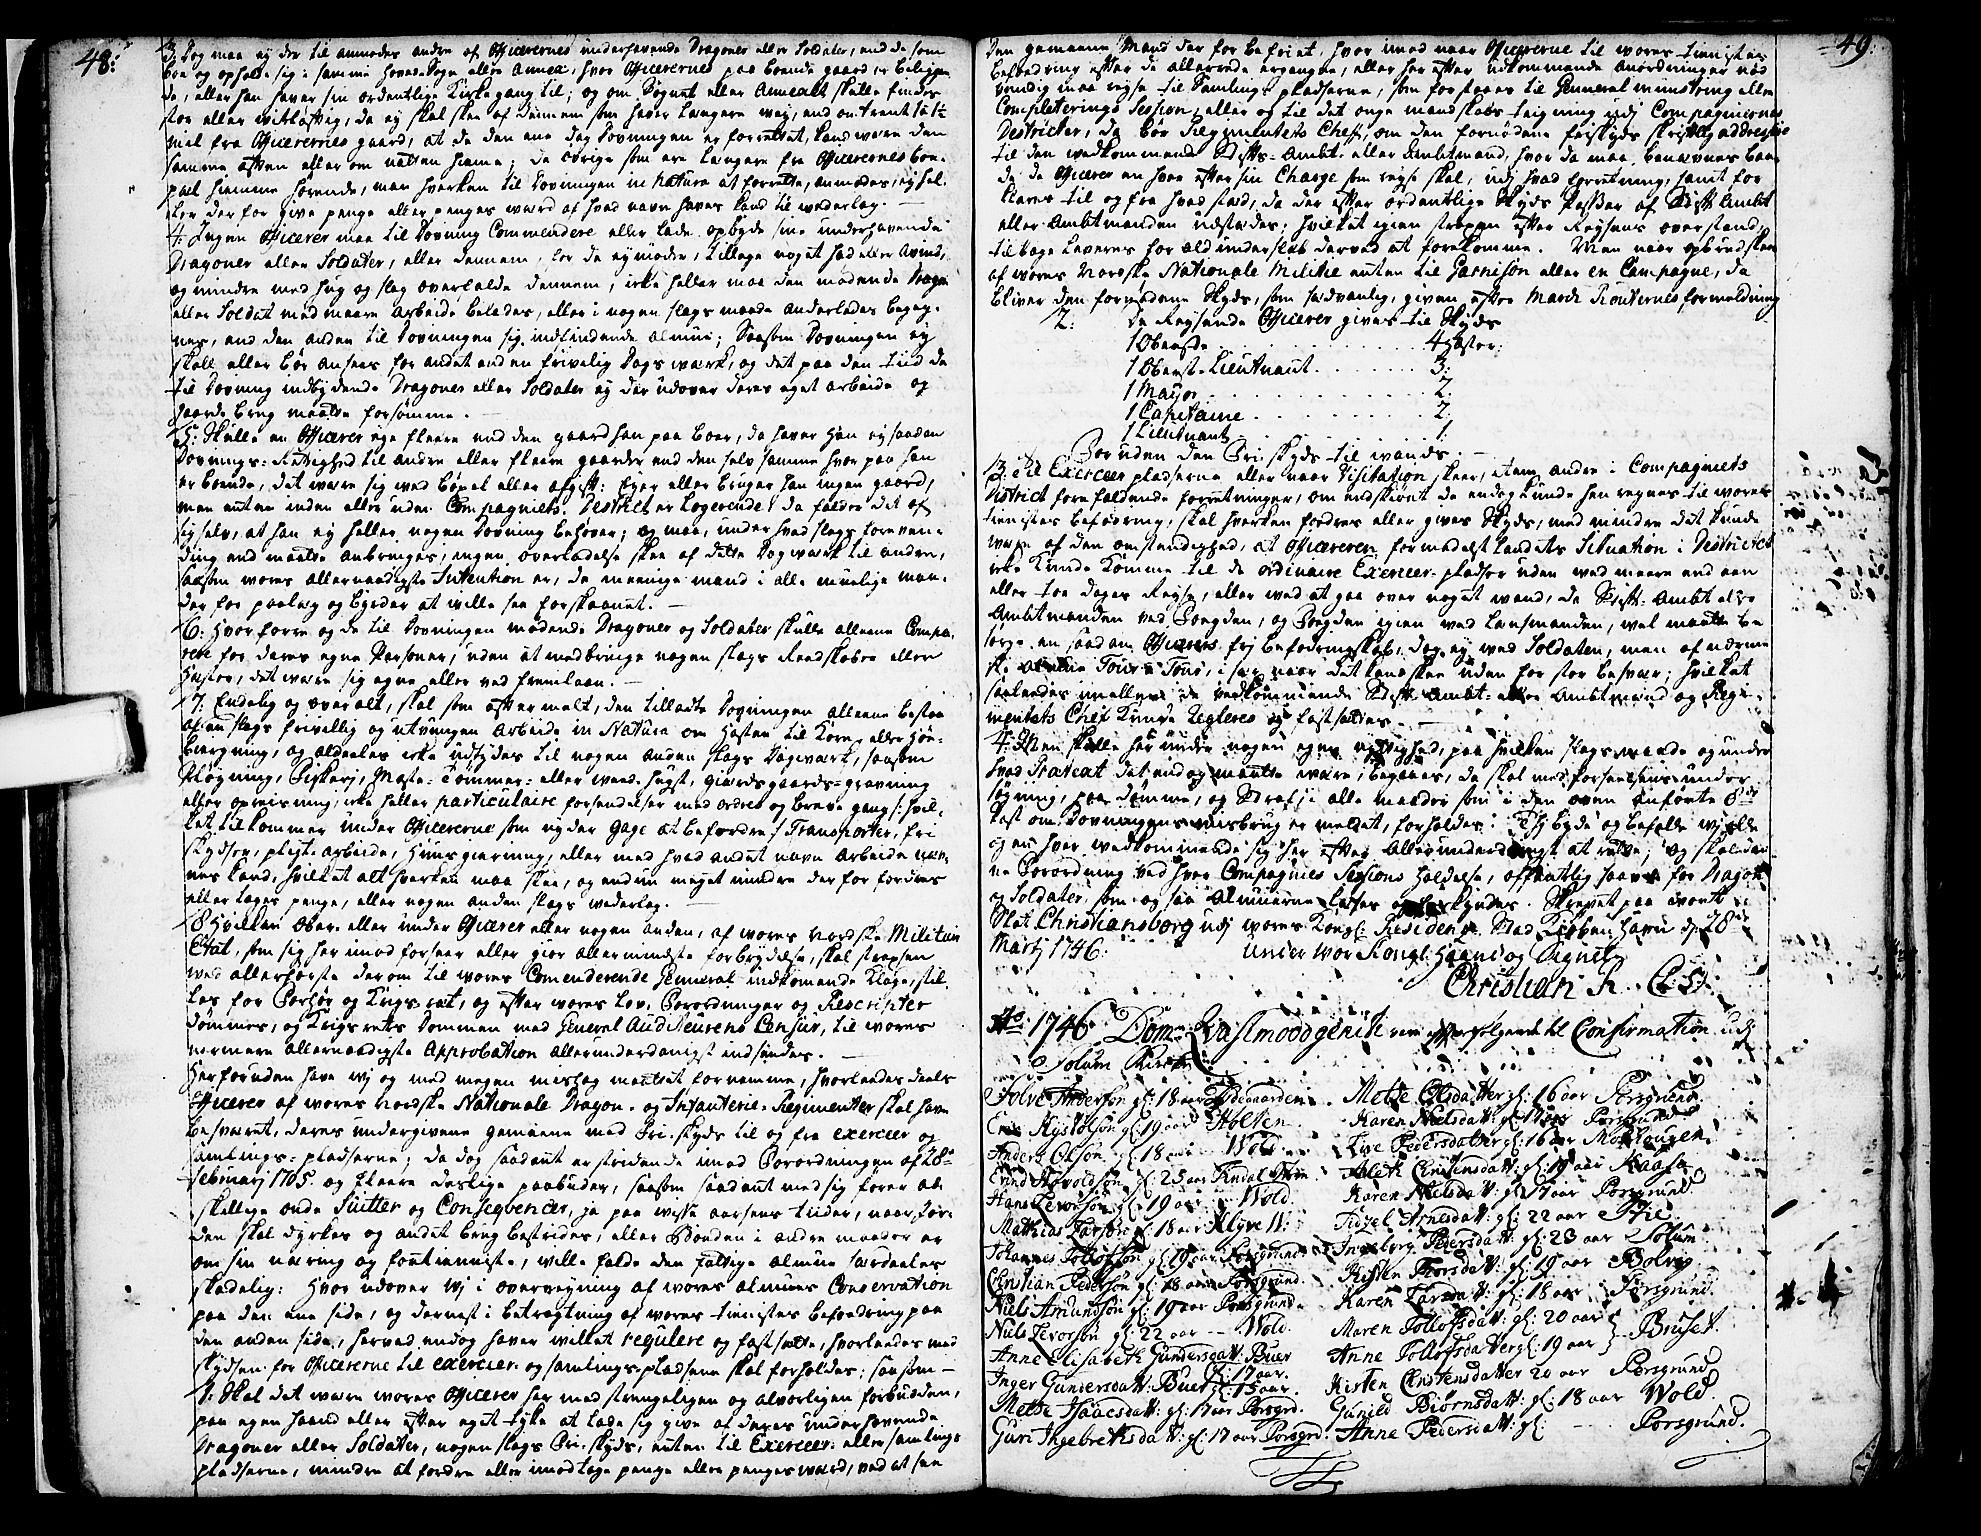 SAKO, Solum kirkebøker, Annen kirkebok nr. ?, 1743-1791, s. 48-49